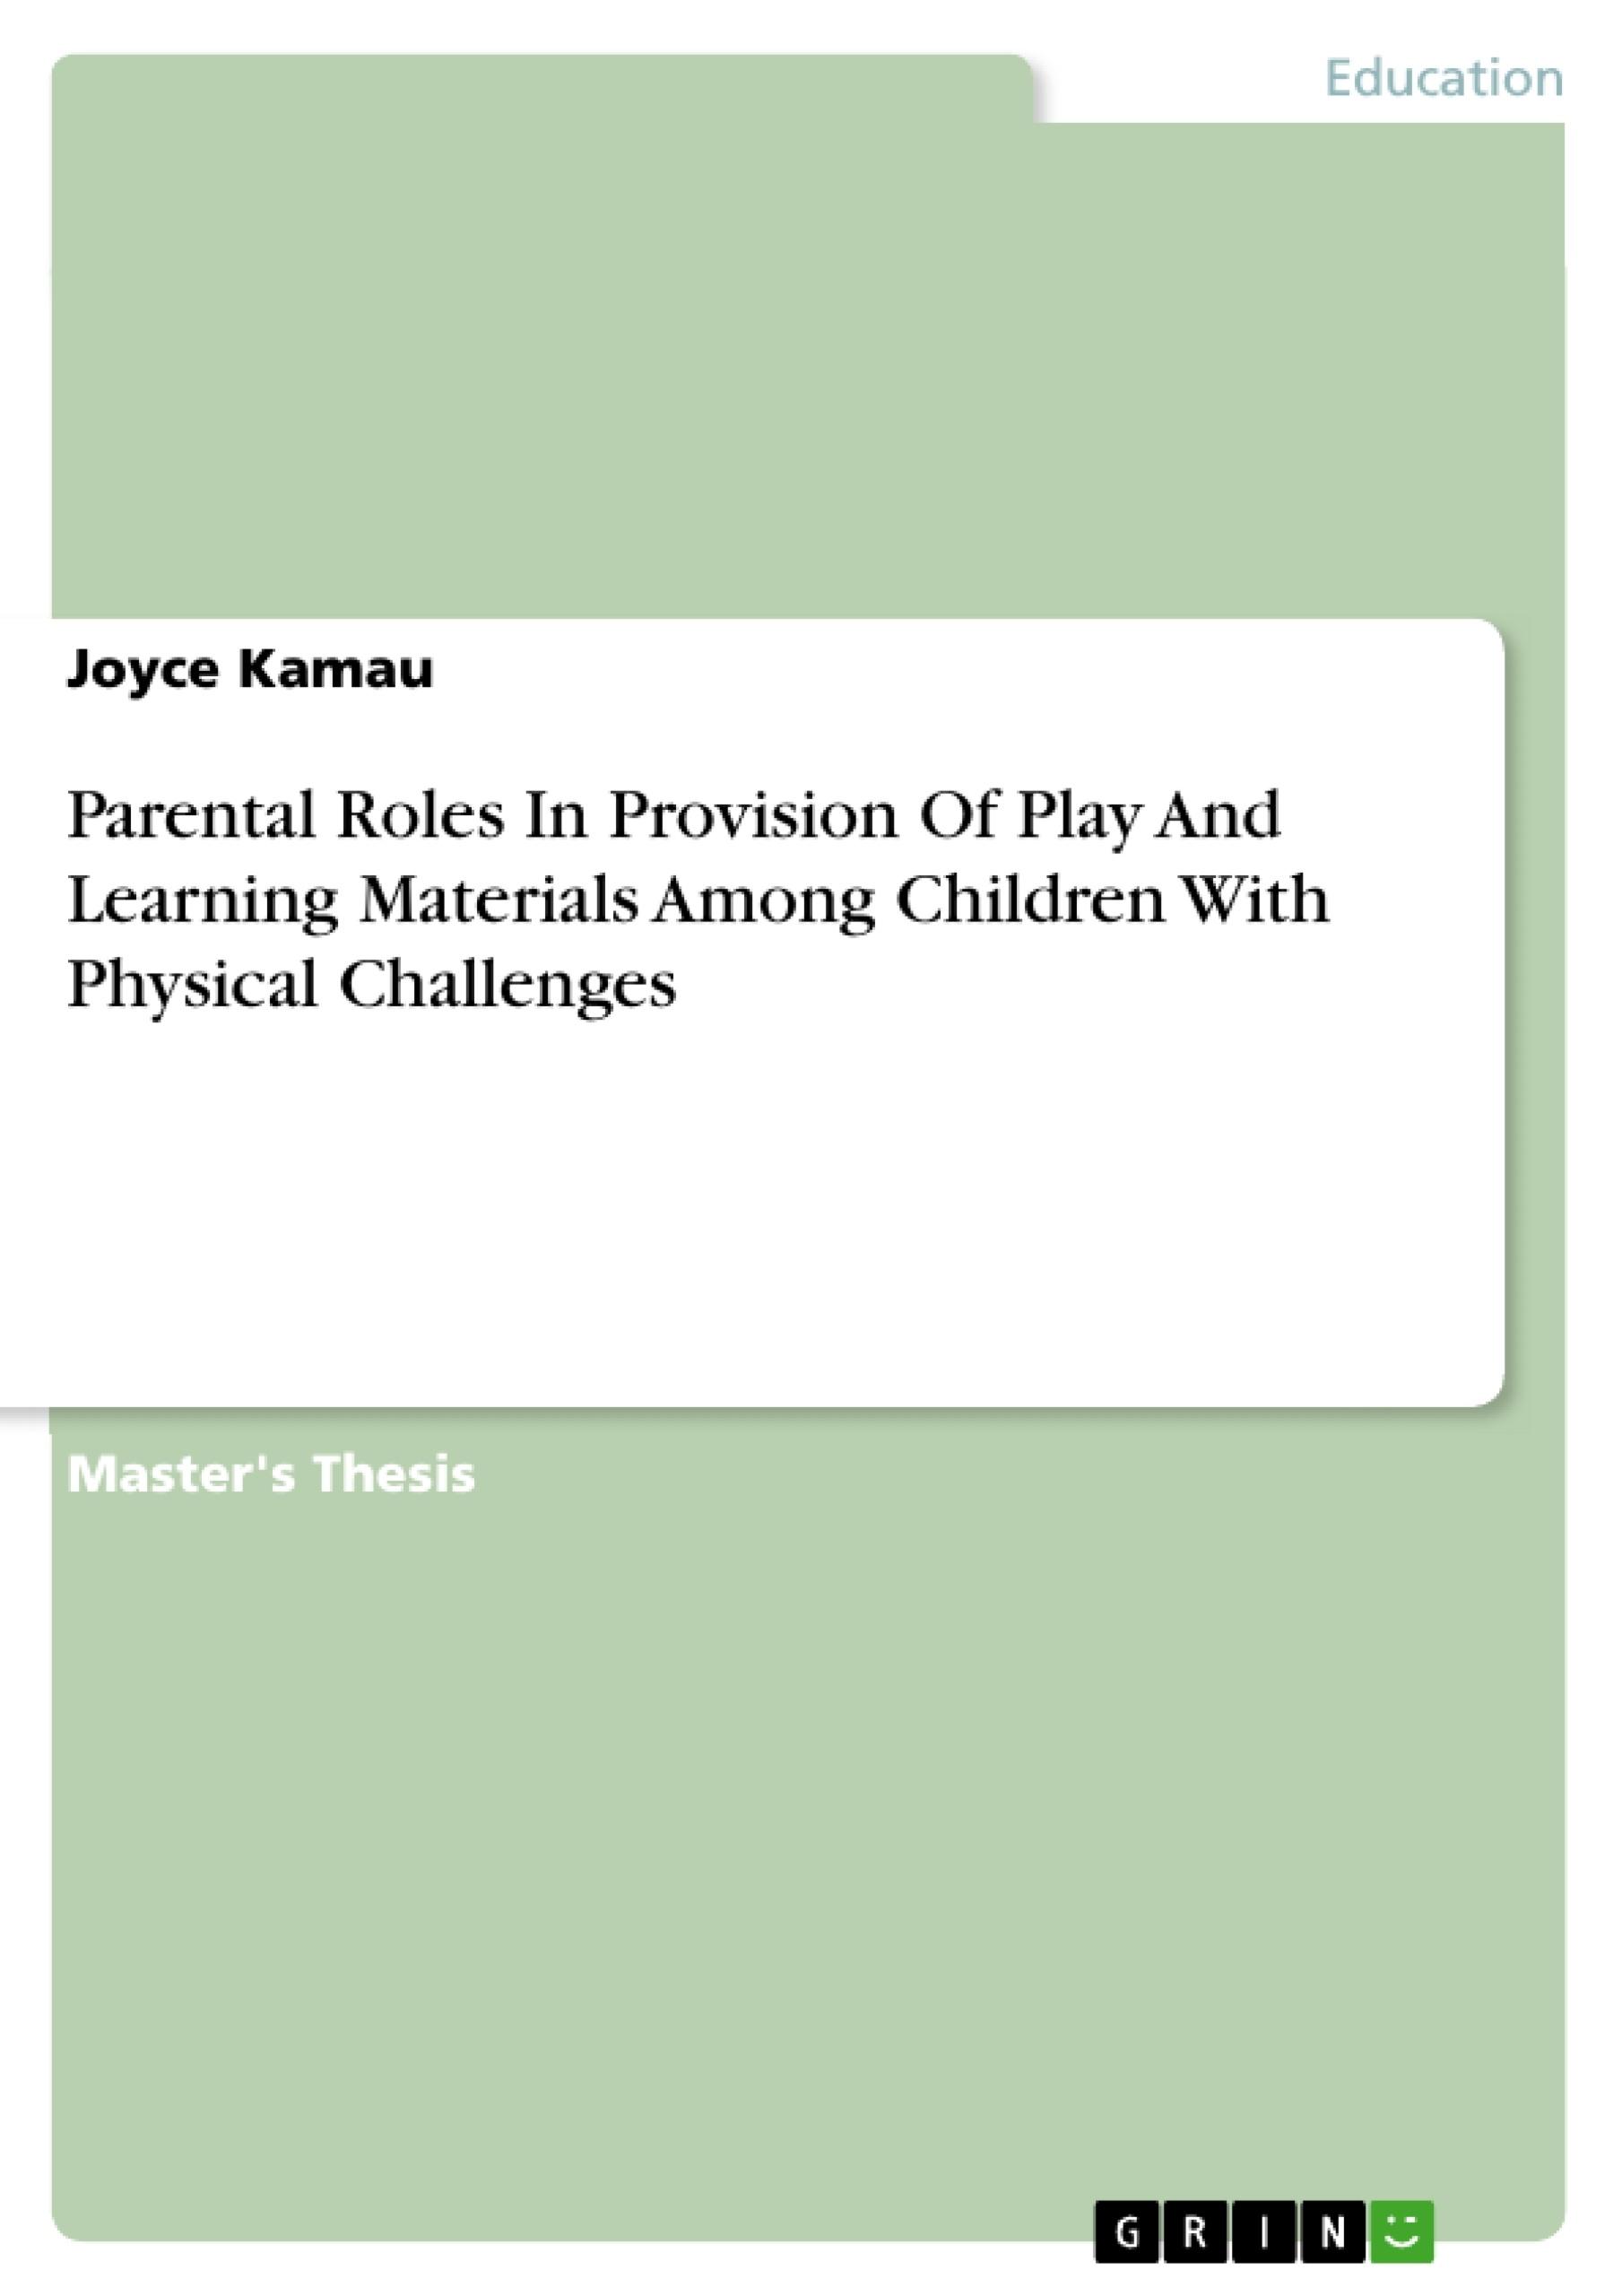 parenting essay titles